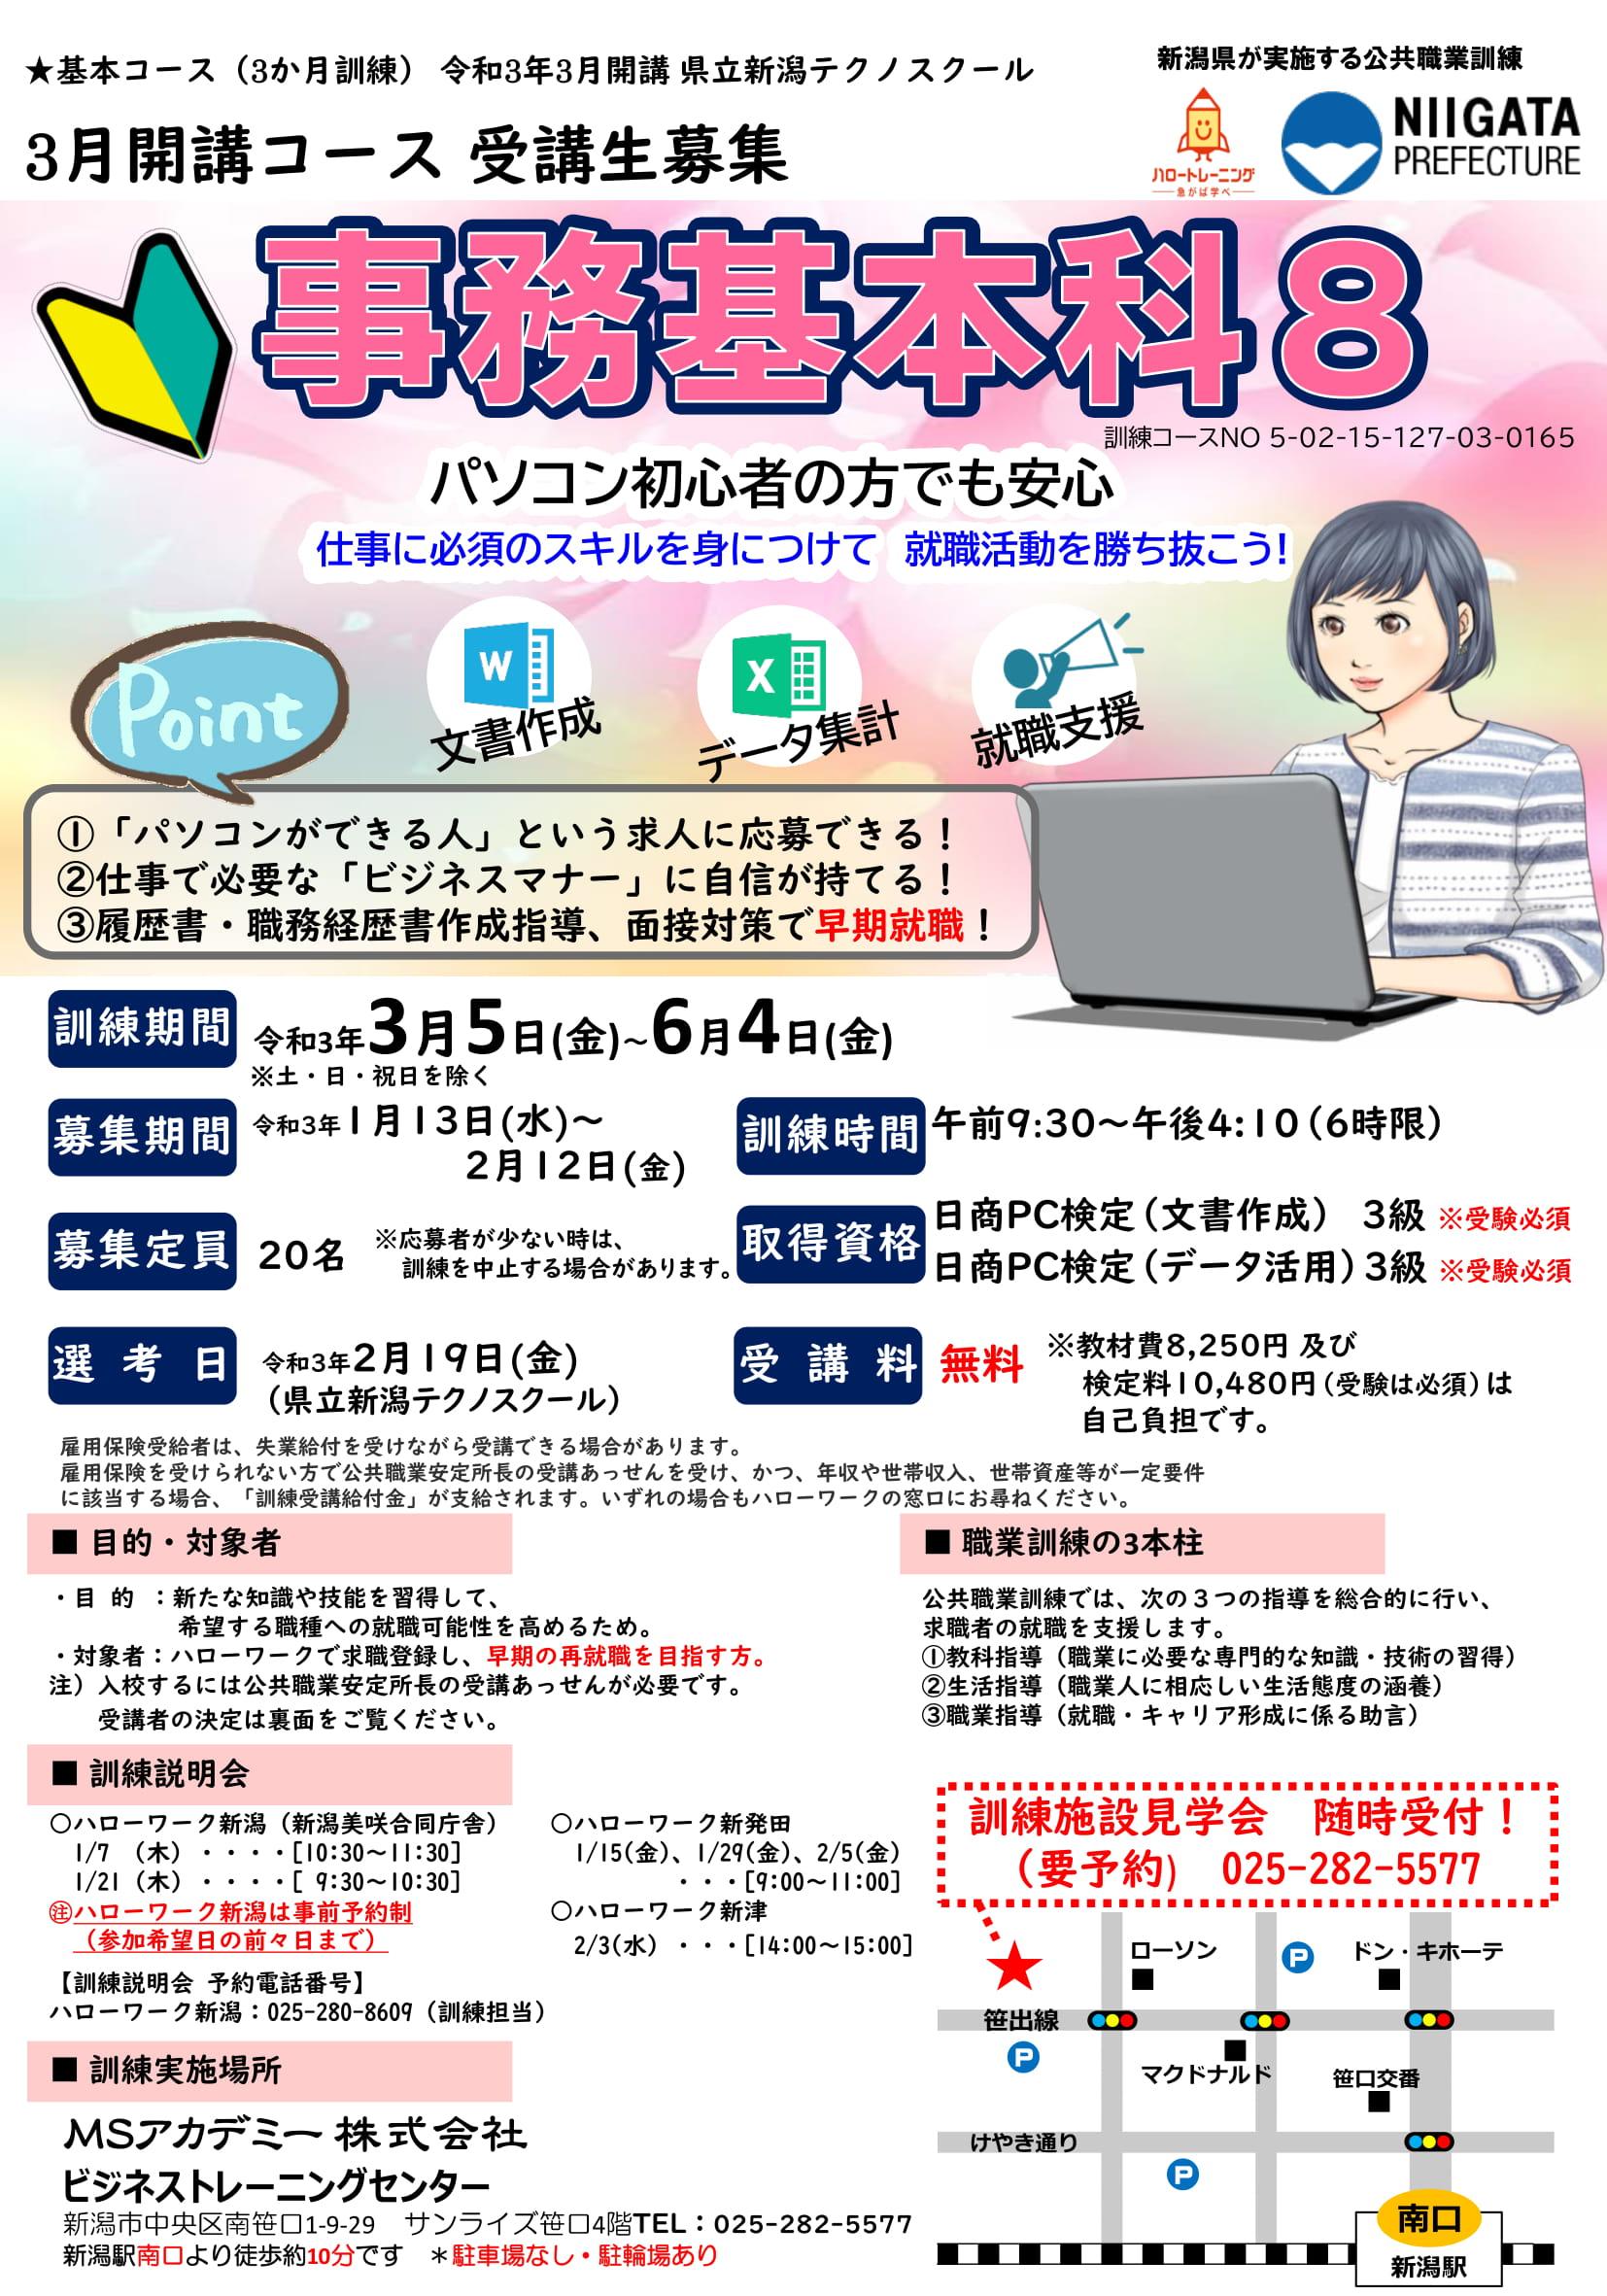 パソコン 教室 ハローワーク ハローワークインターネットサービス